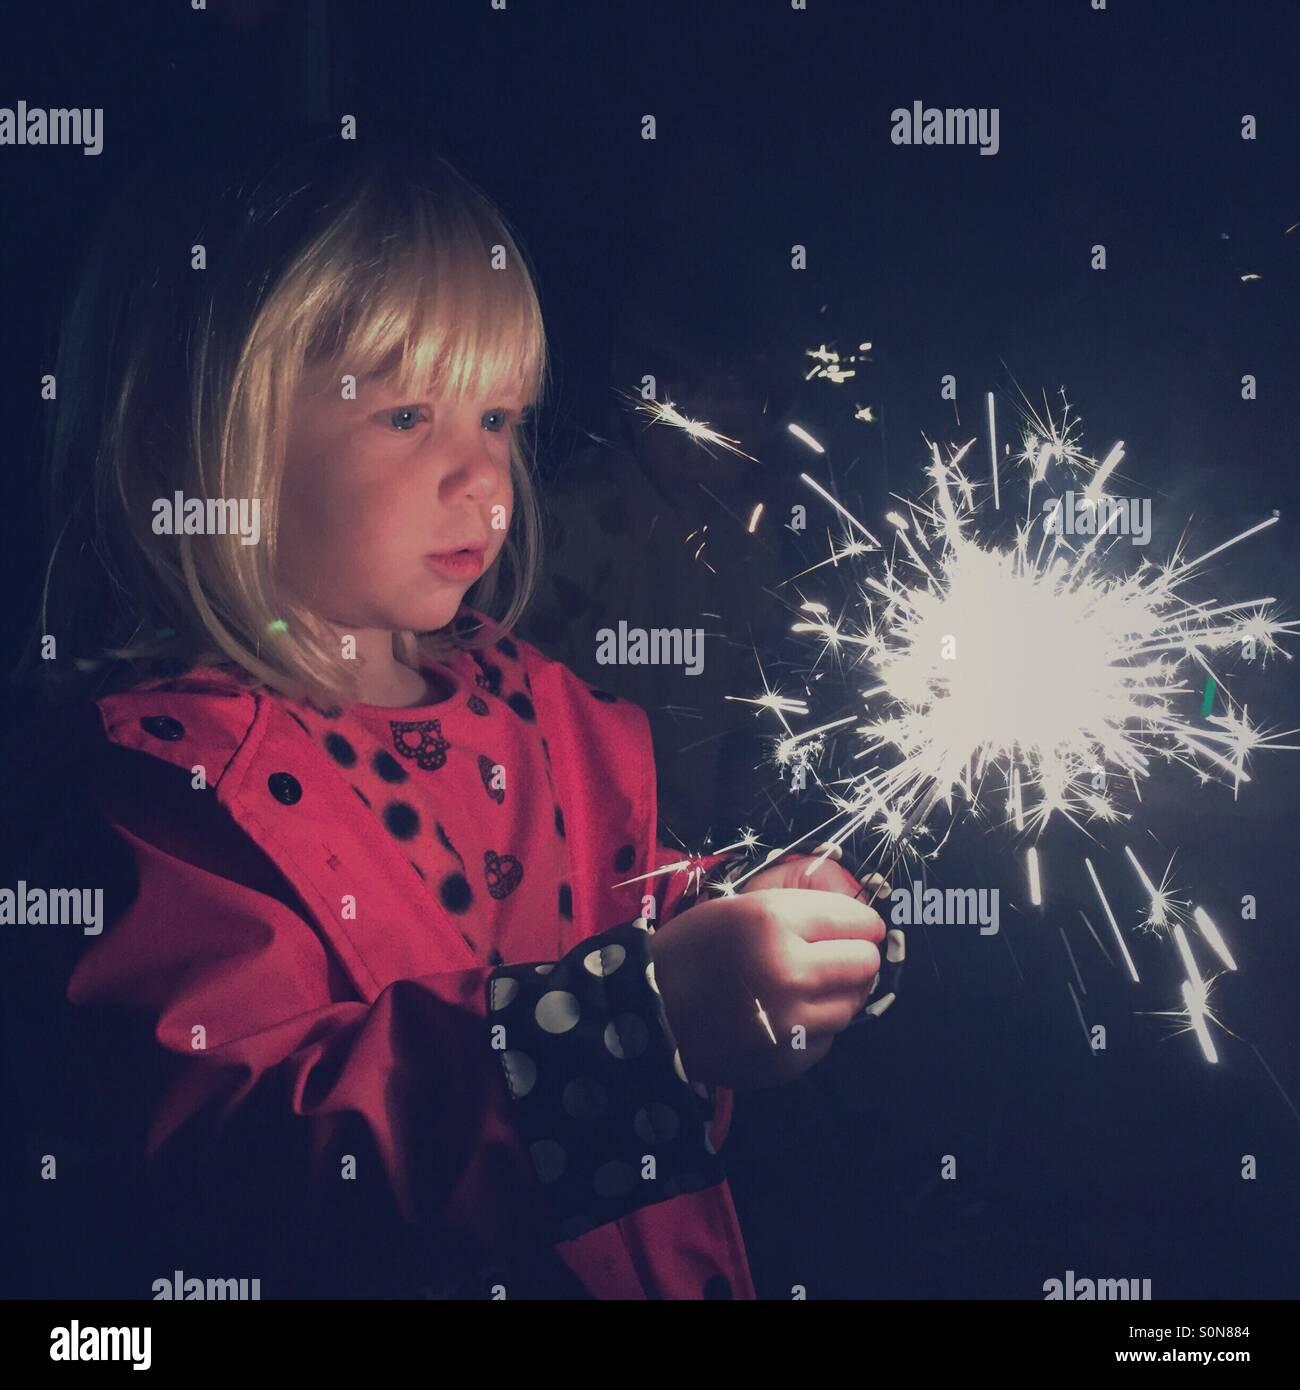 Bionda e giovane ragazza caucasica guarda attentamente come un sparkler lei tiene illumina il suo volto. Immagini Stock